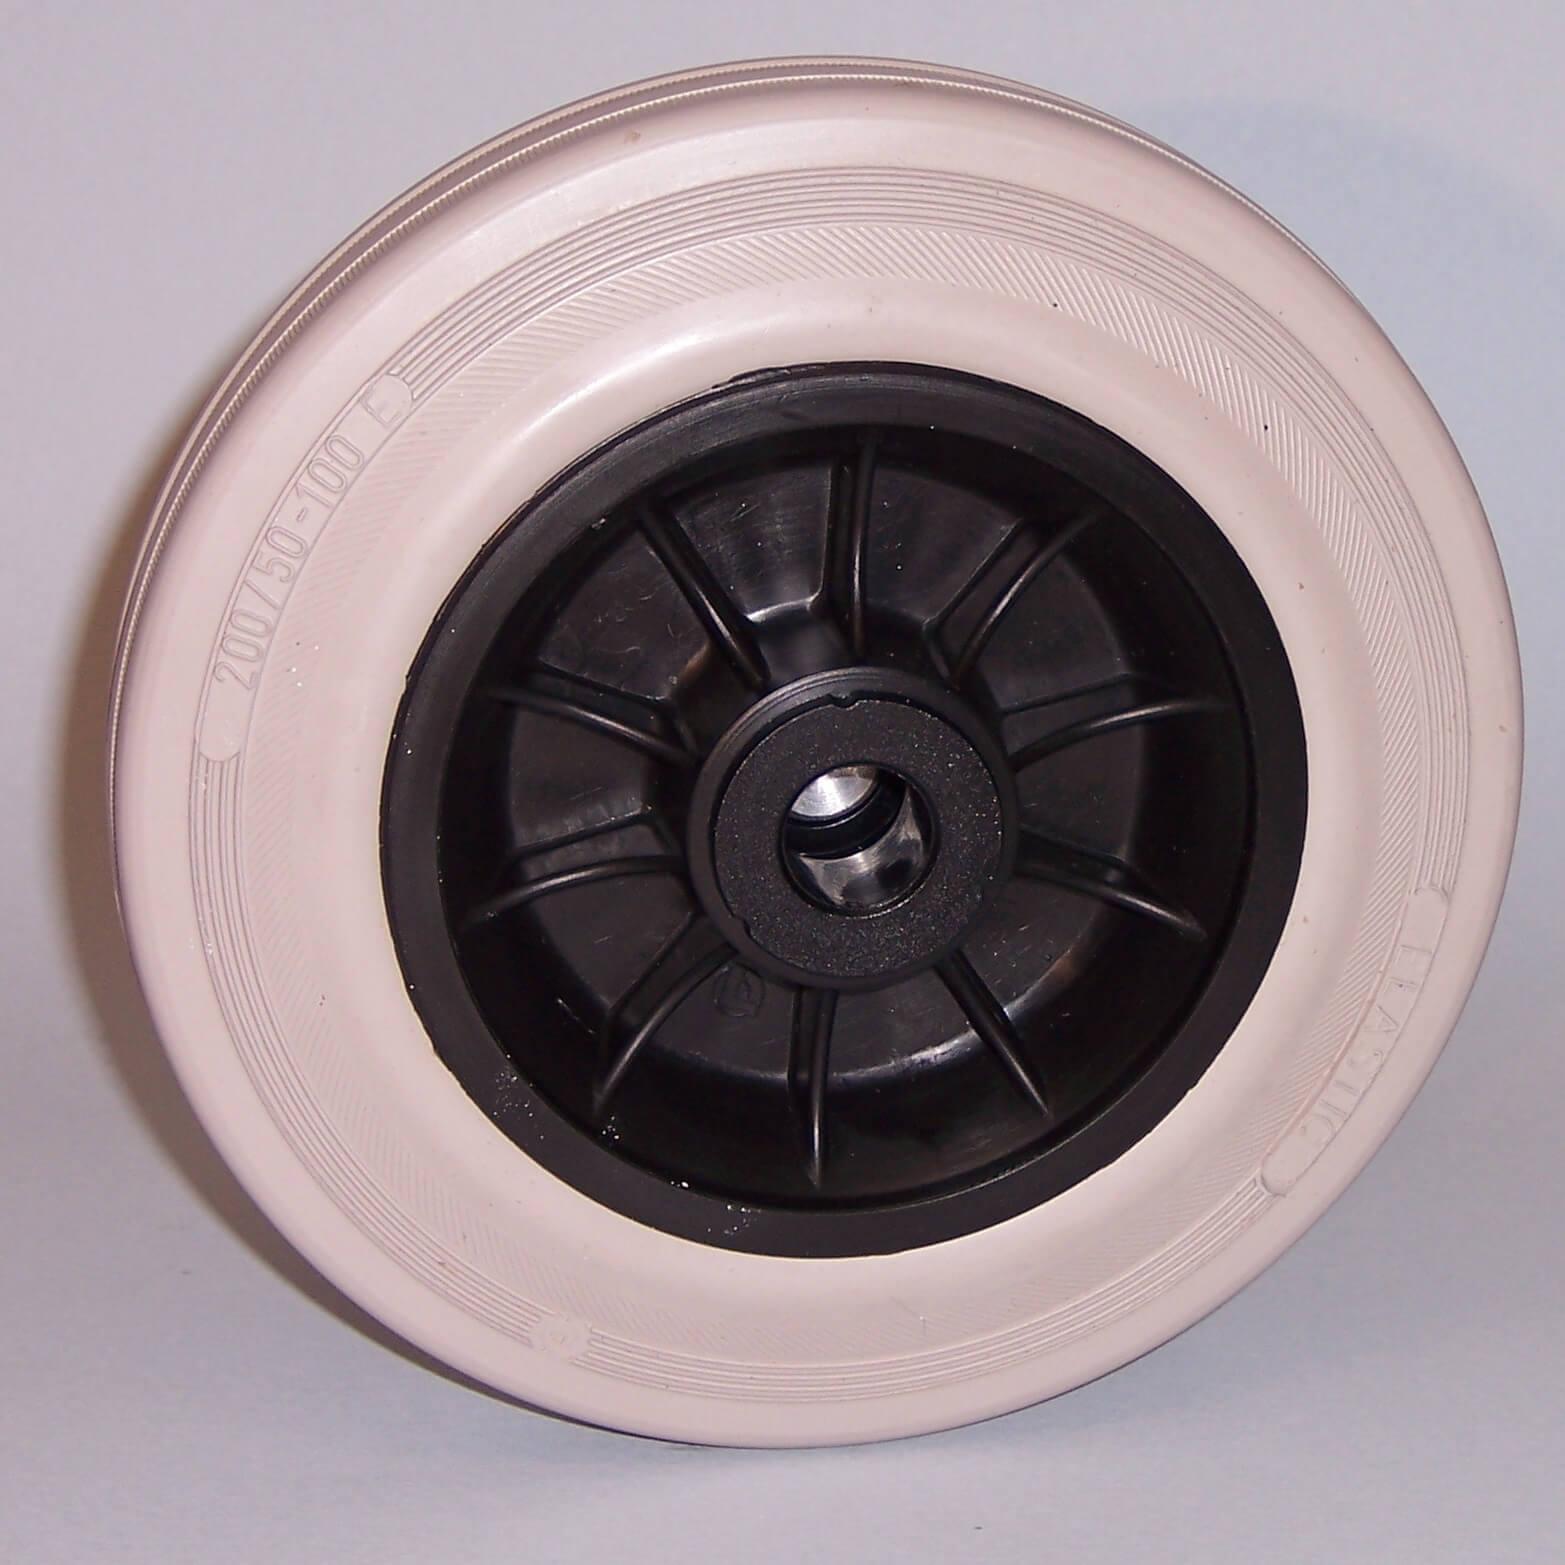 Ruote serie DG Ruote con anello in gomma grigia elastica e mozzo in materiale termoplastico, disponibili con cuscinetti a rullini standard o inox e con boccole di nylon. Organo di rotolamento: cuscinetto a rullini inox.